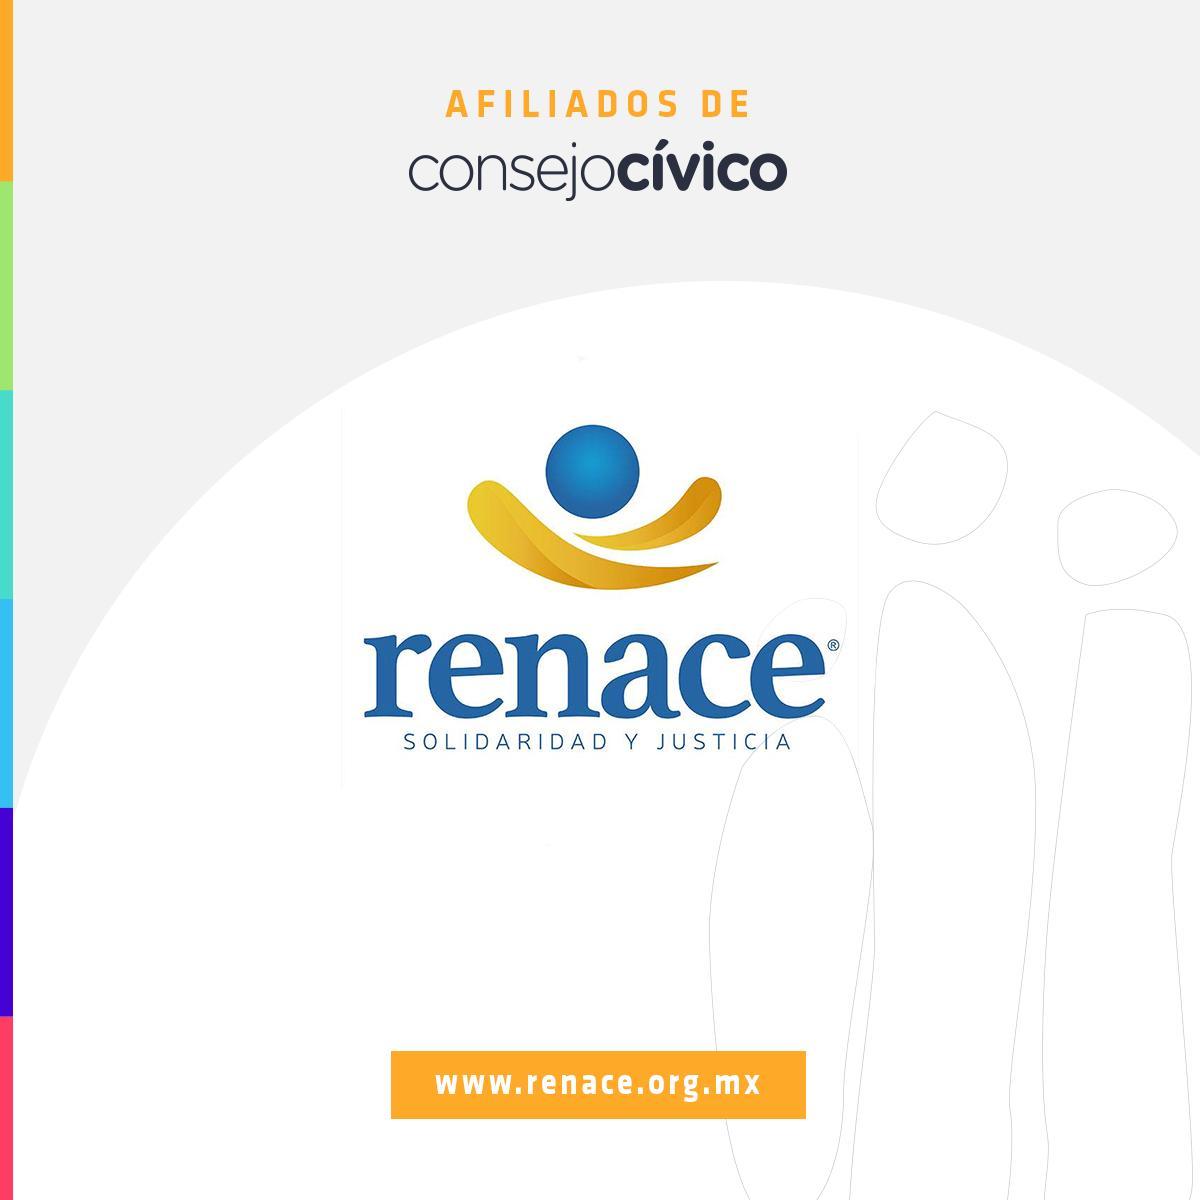 Renace trabaja por la mejora continua de la justicia penal en México, para garantizar el respeto a los derechos de víctimas y acusados, brindando asesoramiento jurídico y defensa legal a personas de escasos recursos. Conoce más de su labor en renace.org.mx @RENACE_ABP